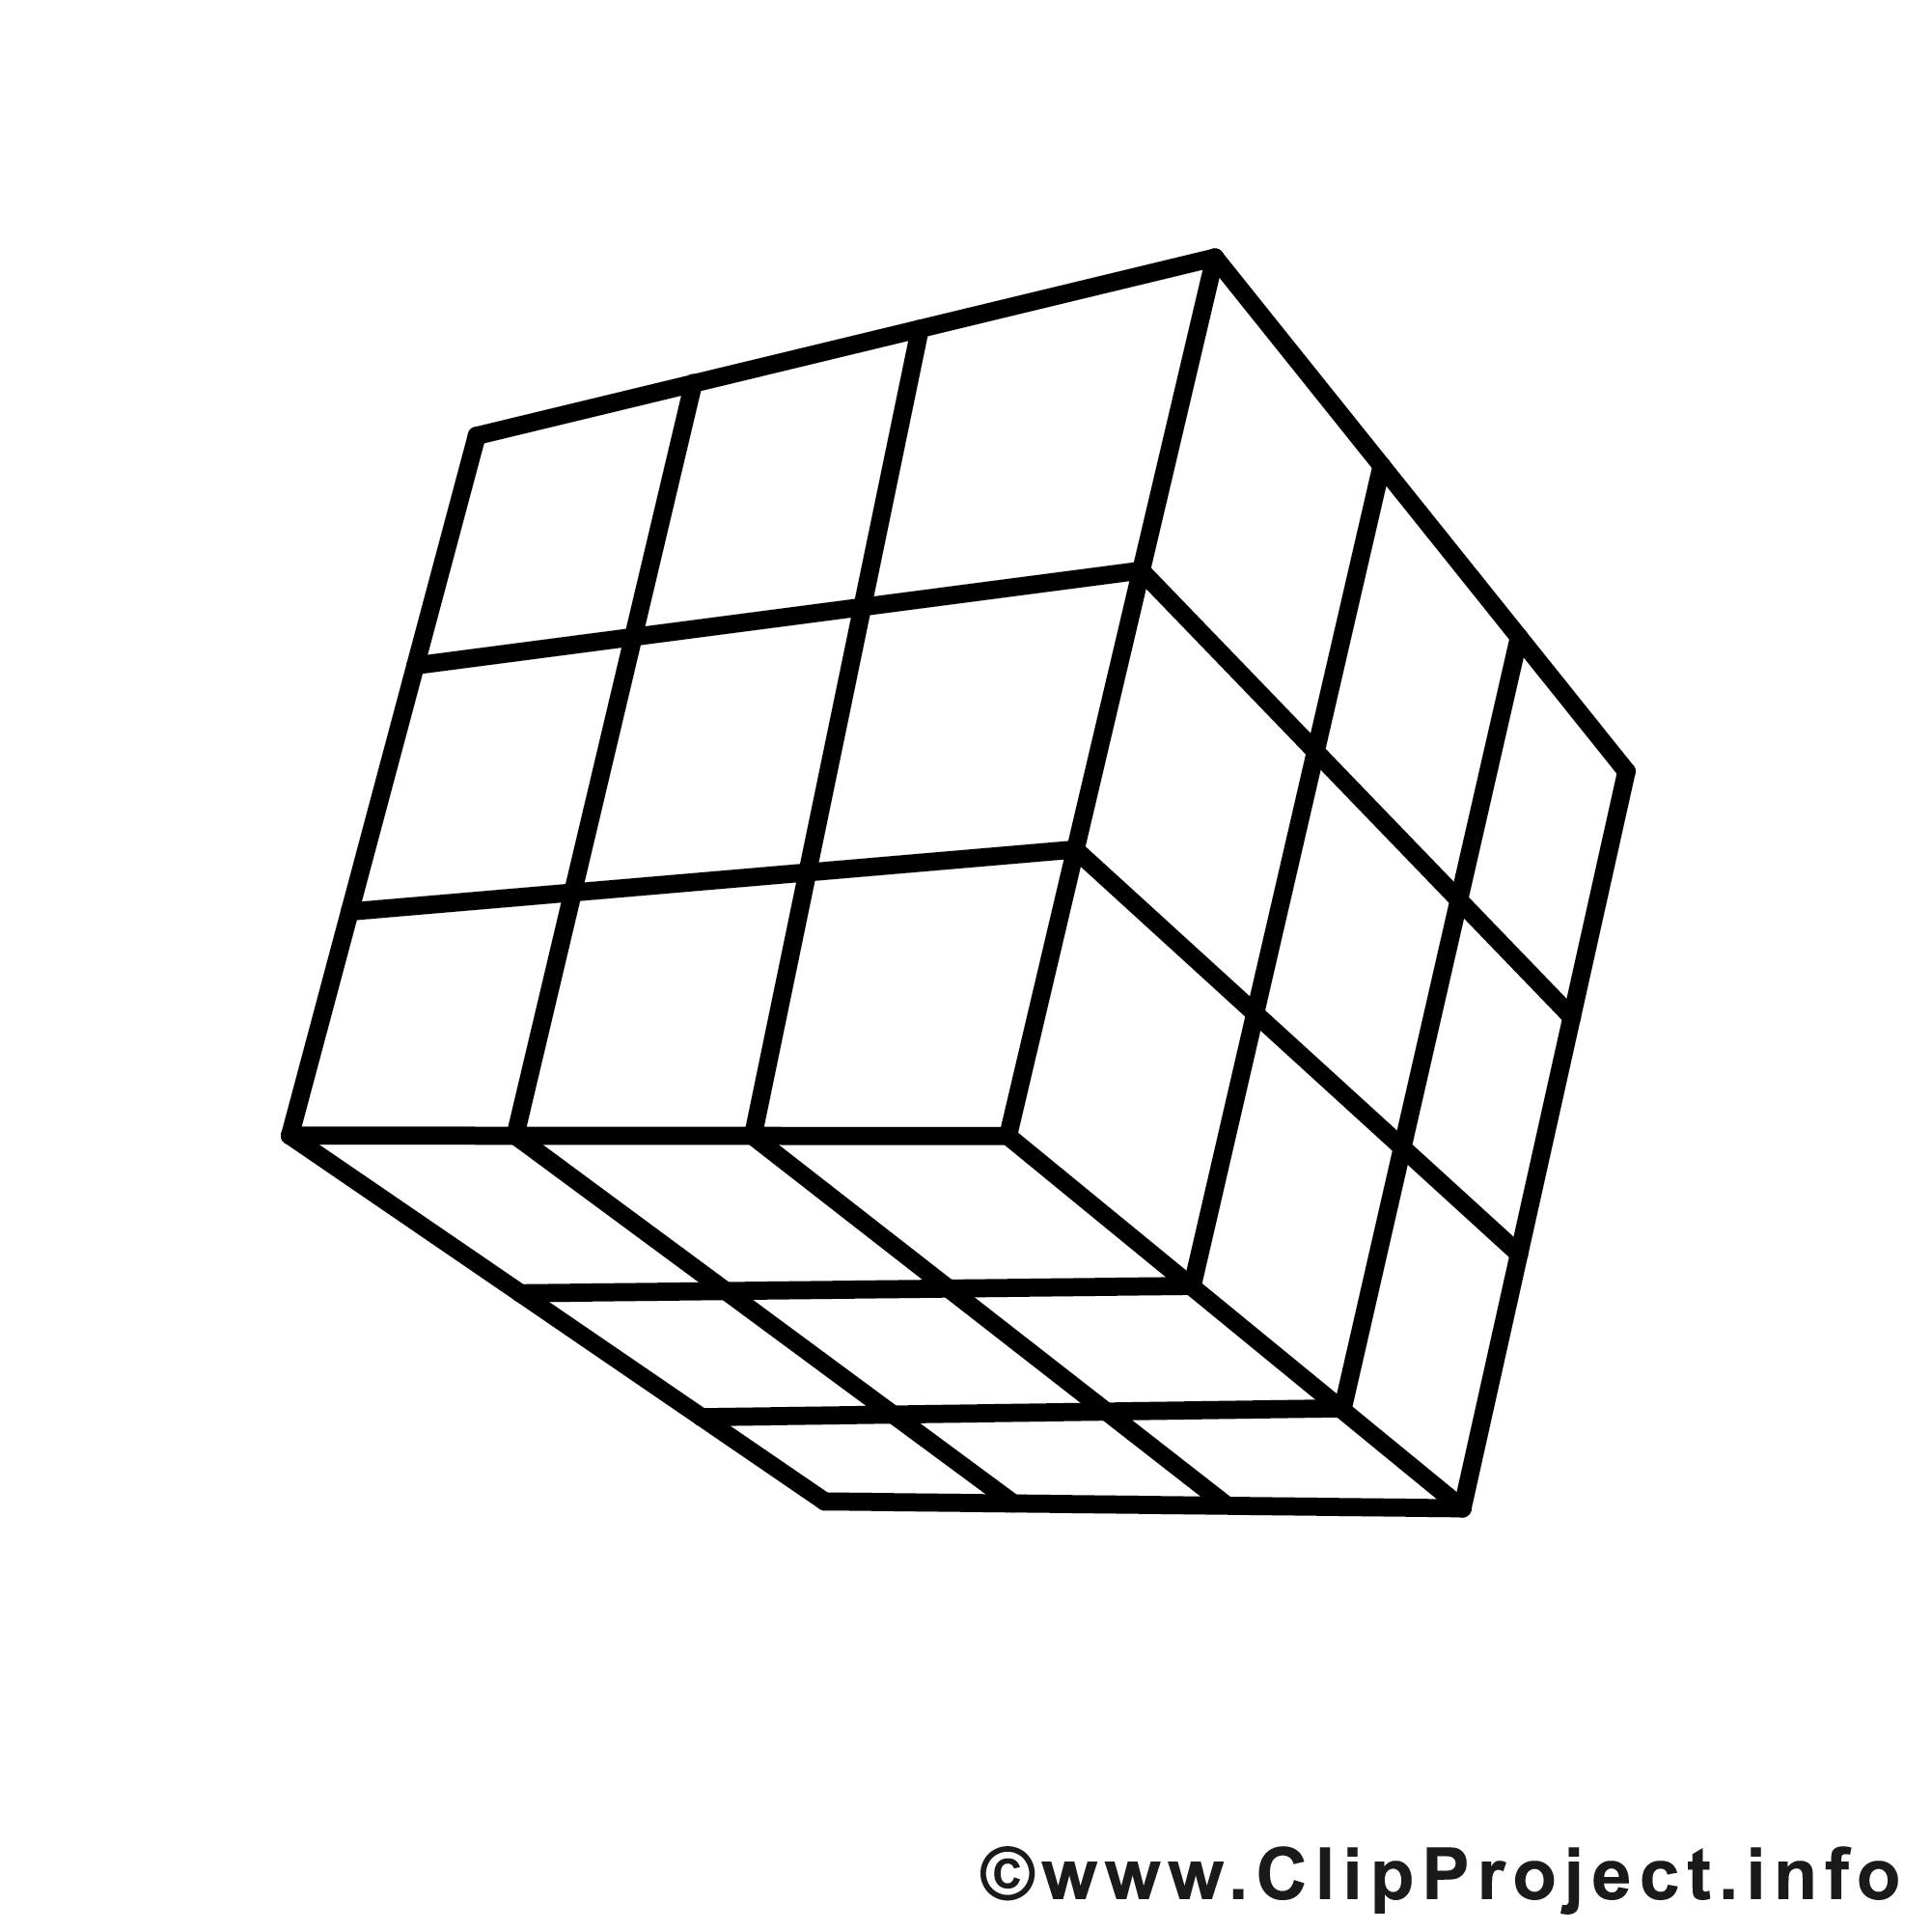 cube de rubik dessin cole gratuits imprimer l 39 cole coloriages dessin picture image. Black Bedroom Furniture Sets. Home Design Ideas